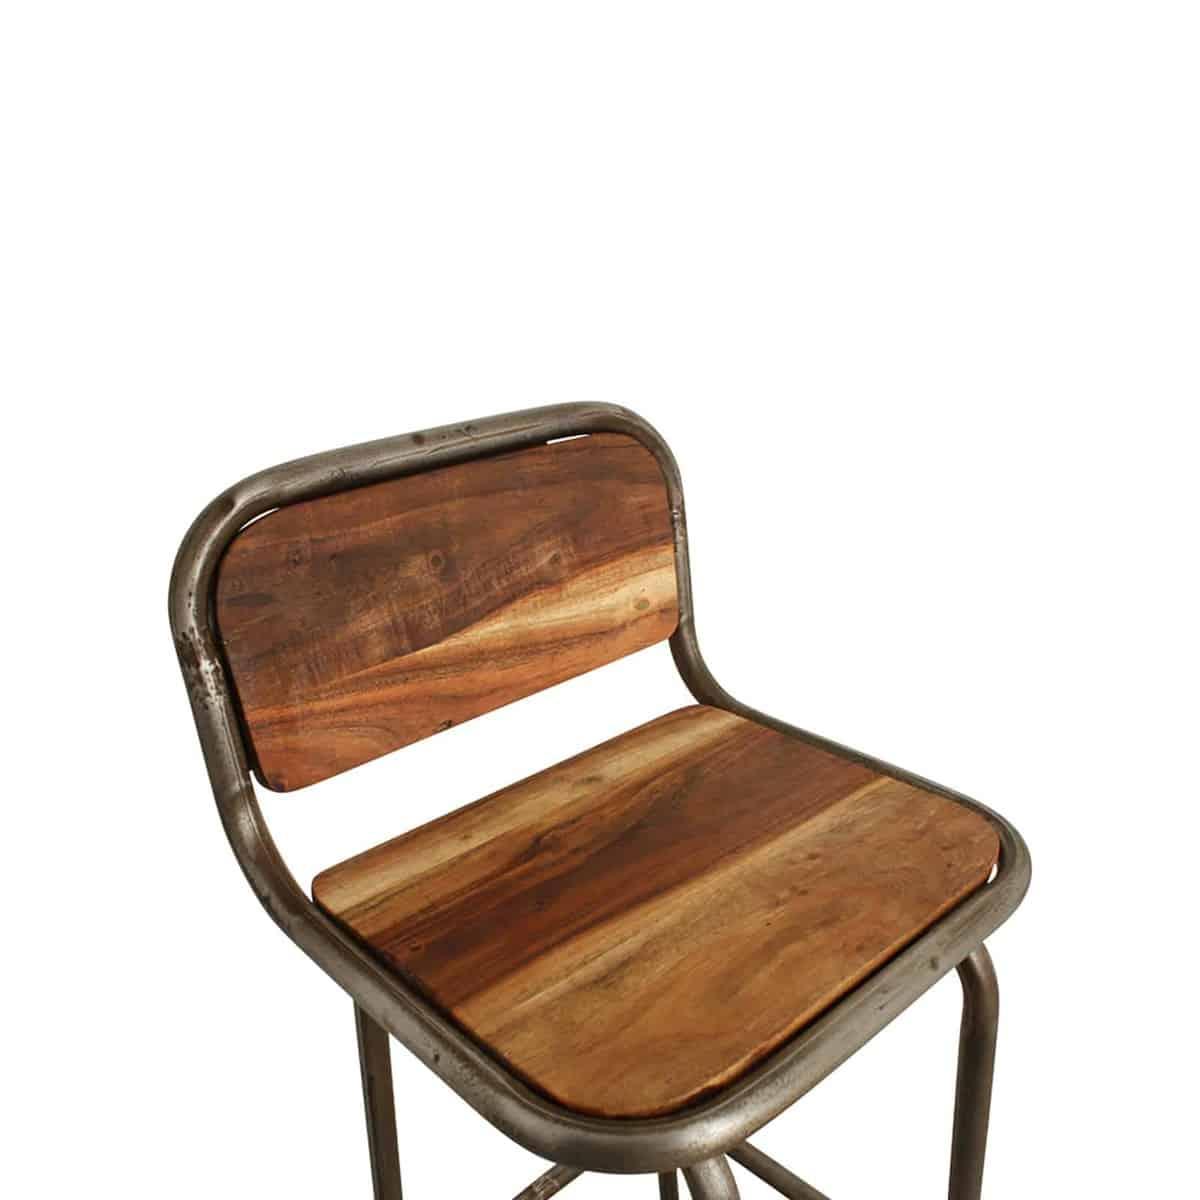 Iron bar stool seat